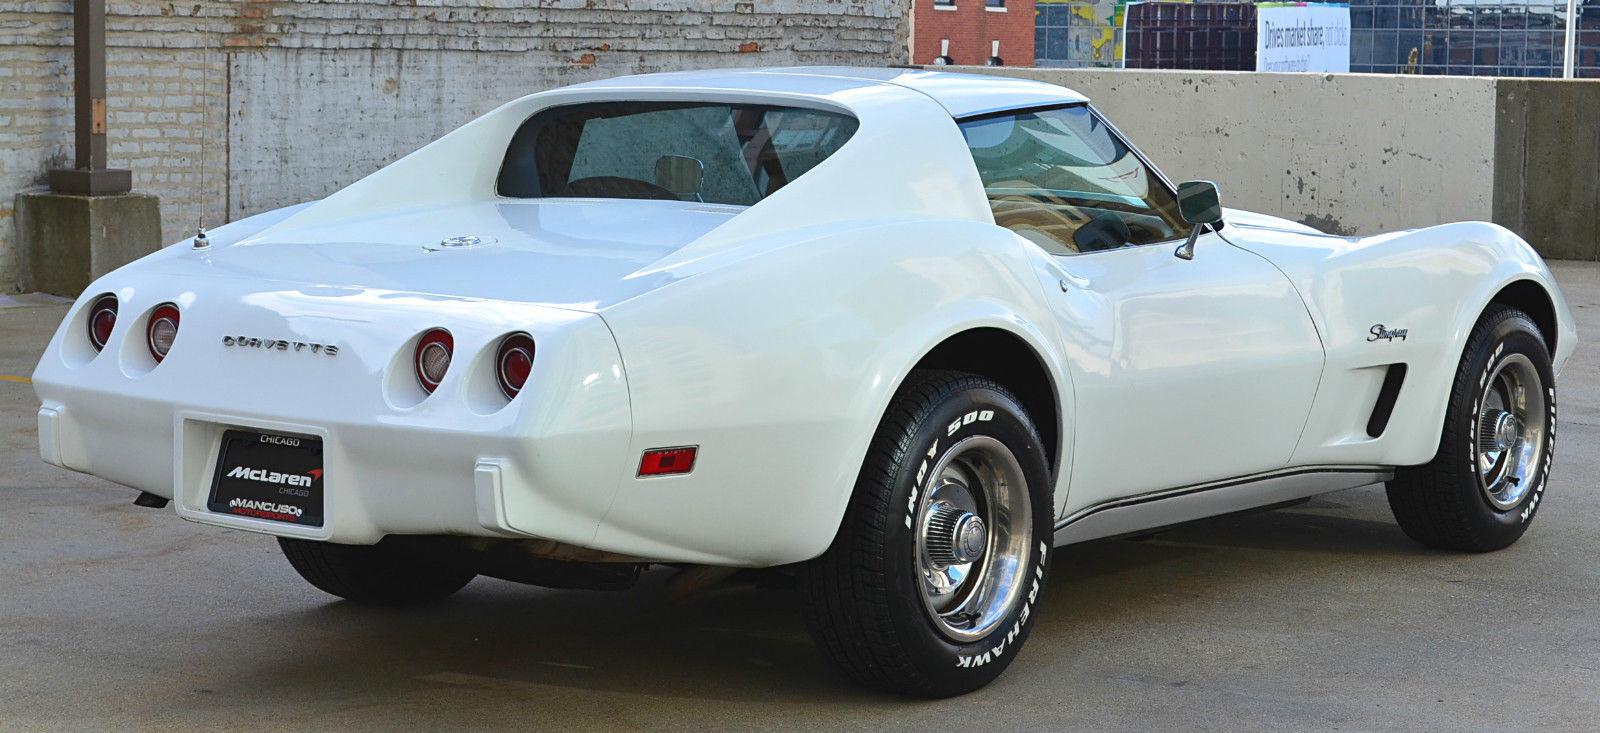 White Corvette Stingray >> 1974 Chevy Corvette Stingray 350 L48 V8 White Auto T-Tops Power Steering PB - Classic Chevrolet ...